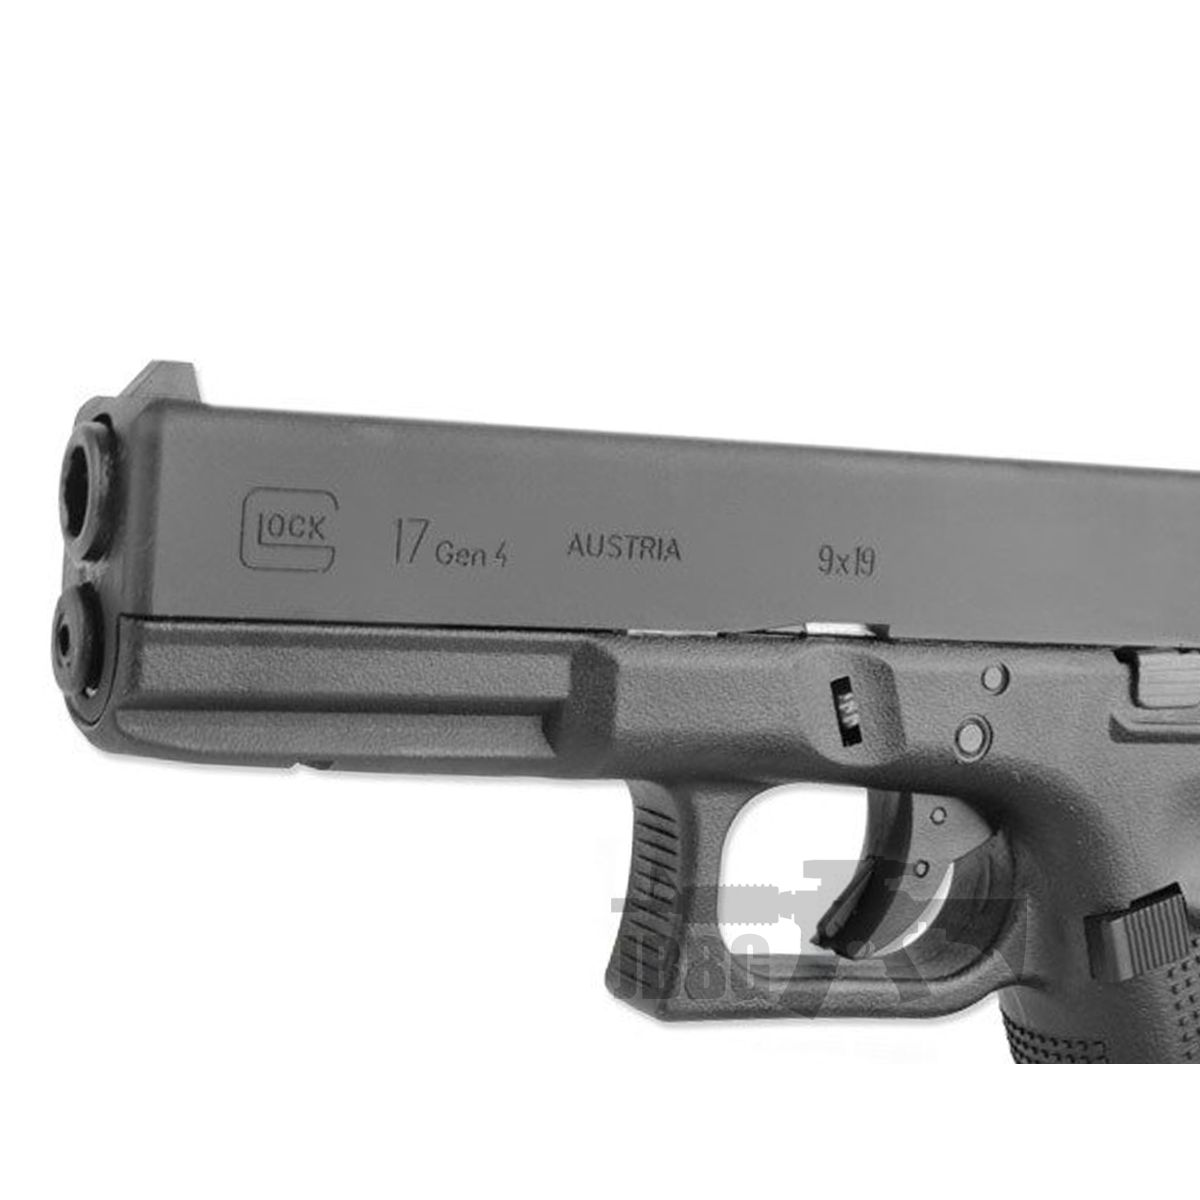 Glock G17 Gas Blowback Gen4 Airsoft Gas Pistols